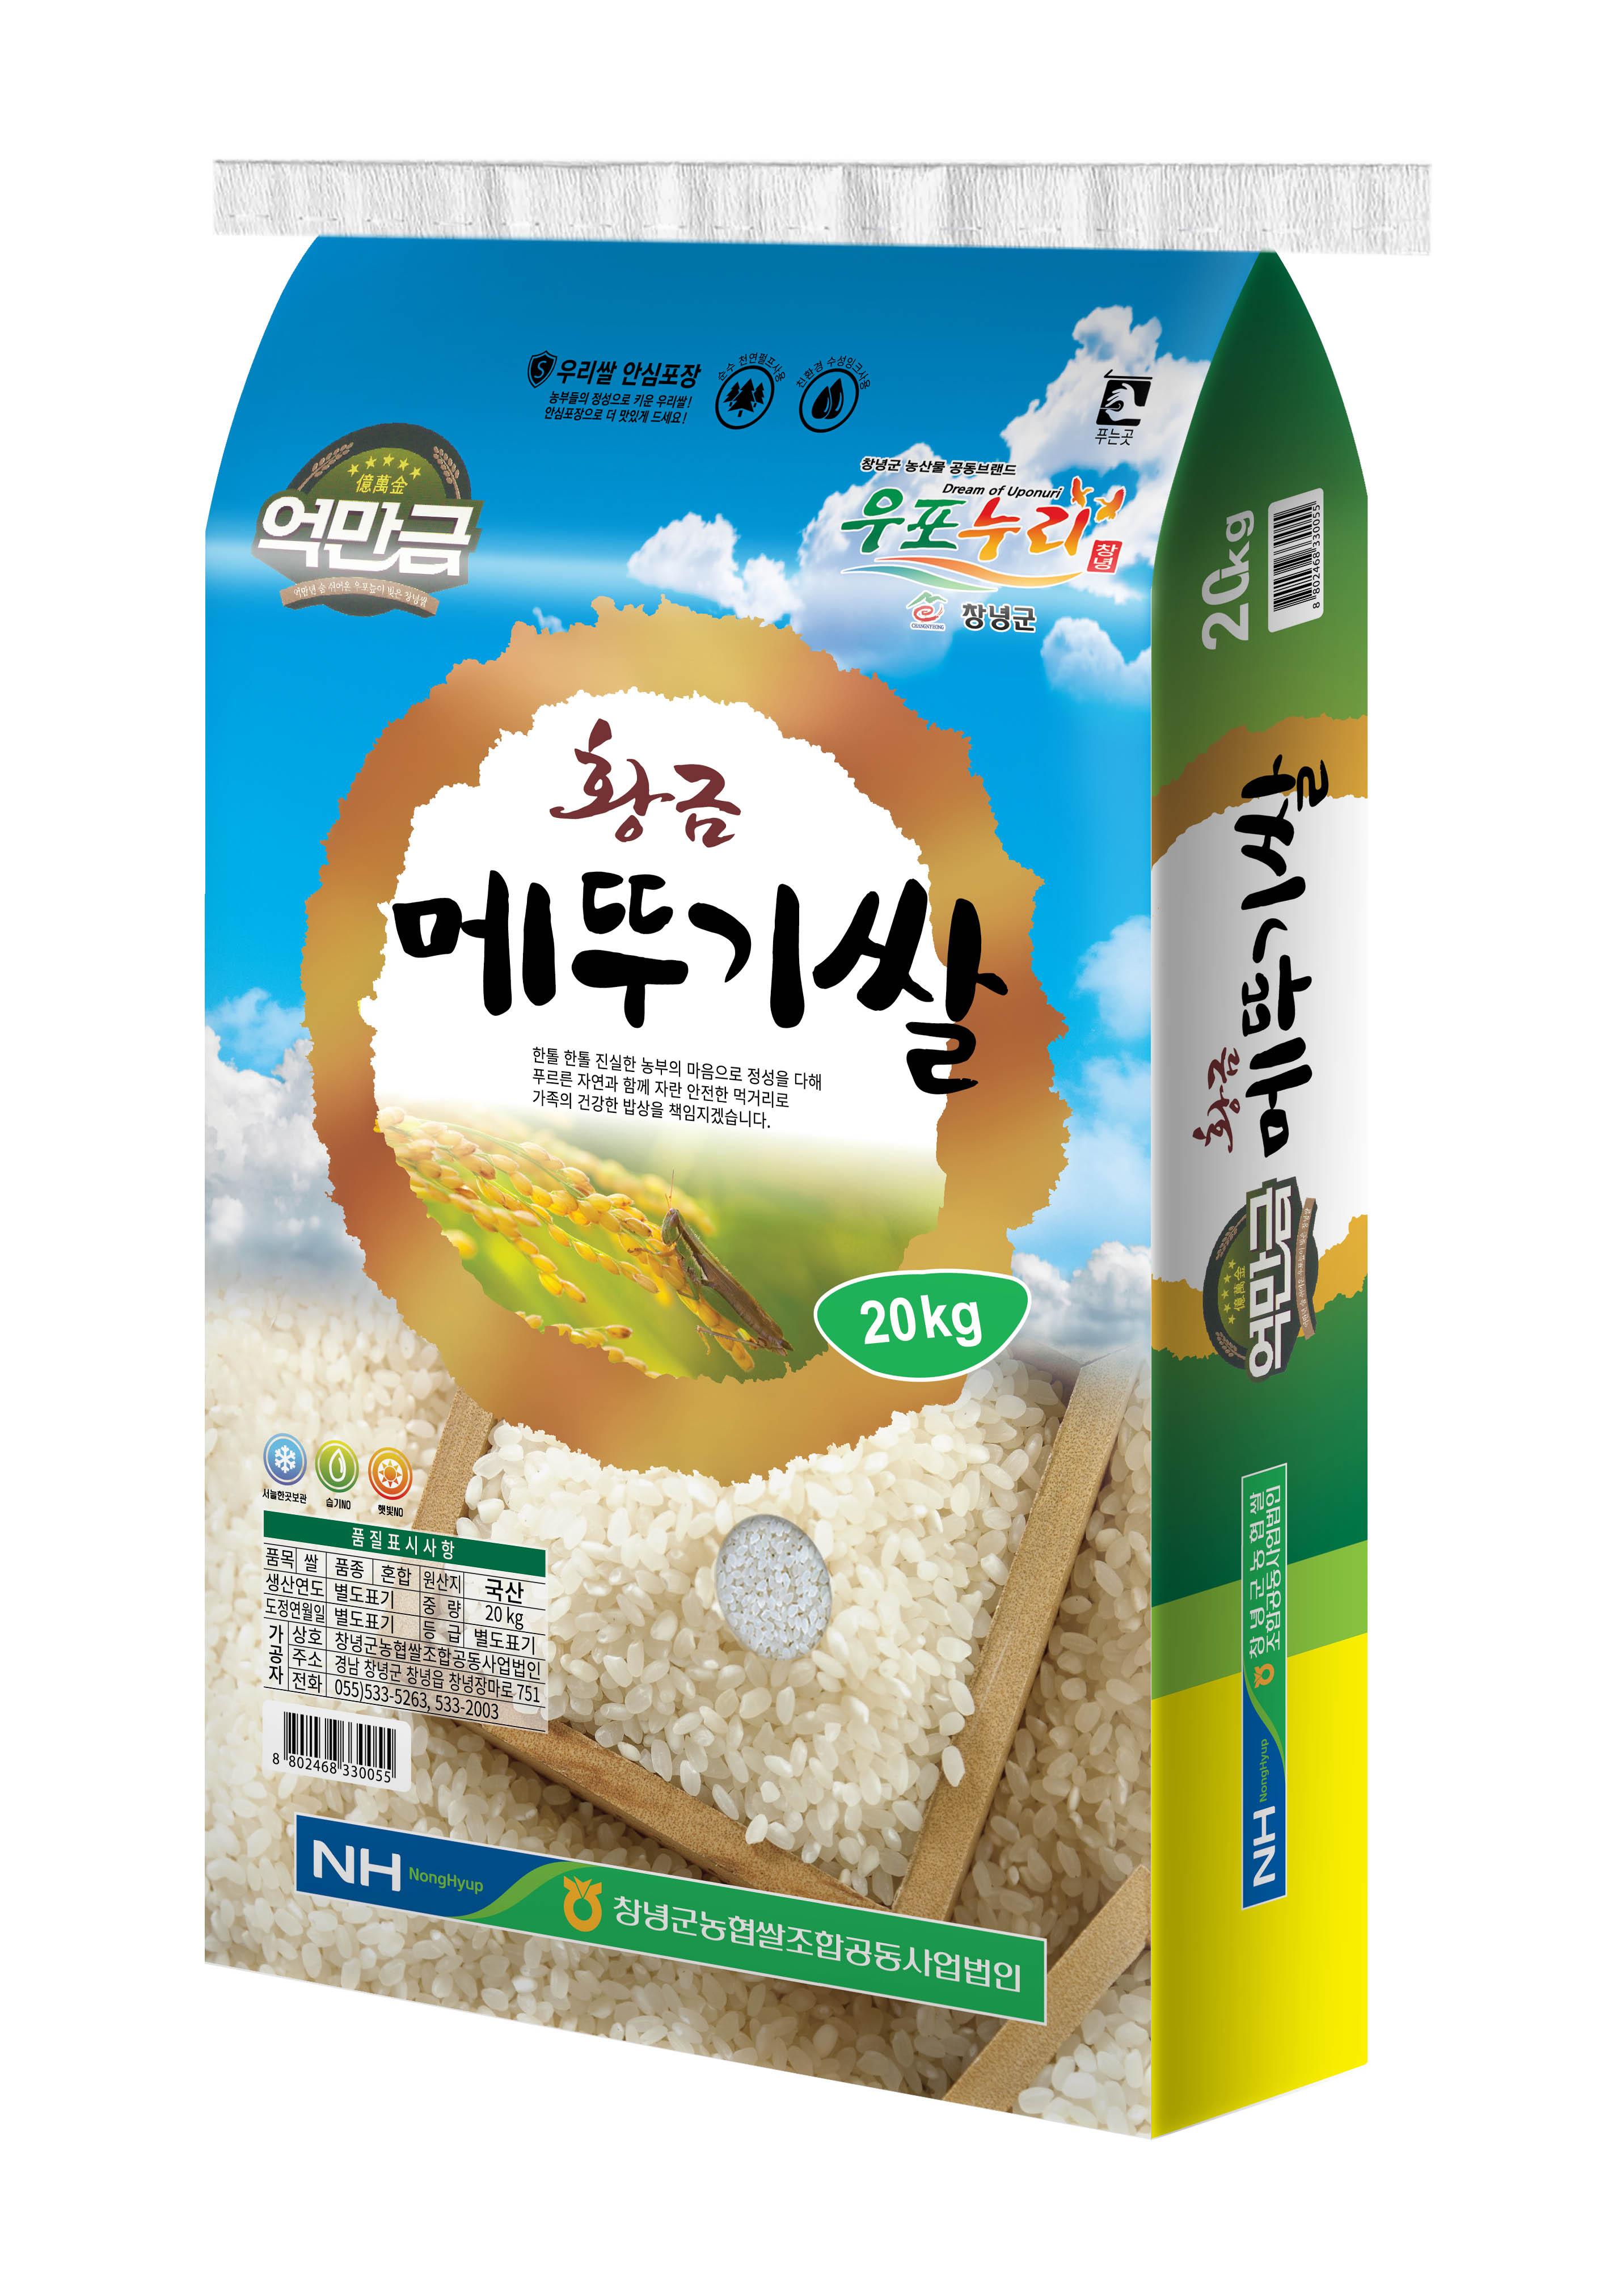 창녕군농협 2020년 황금 메뚜기쌀, 20kg, 1개